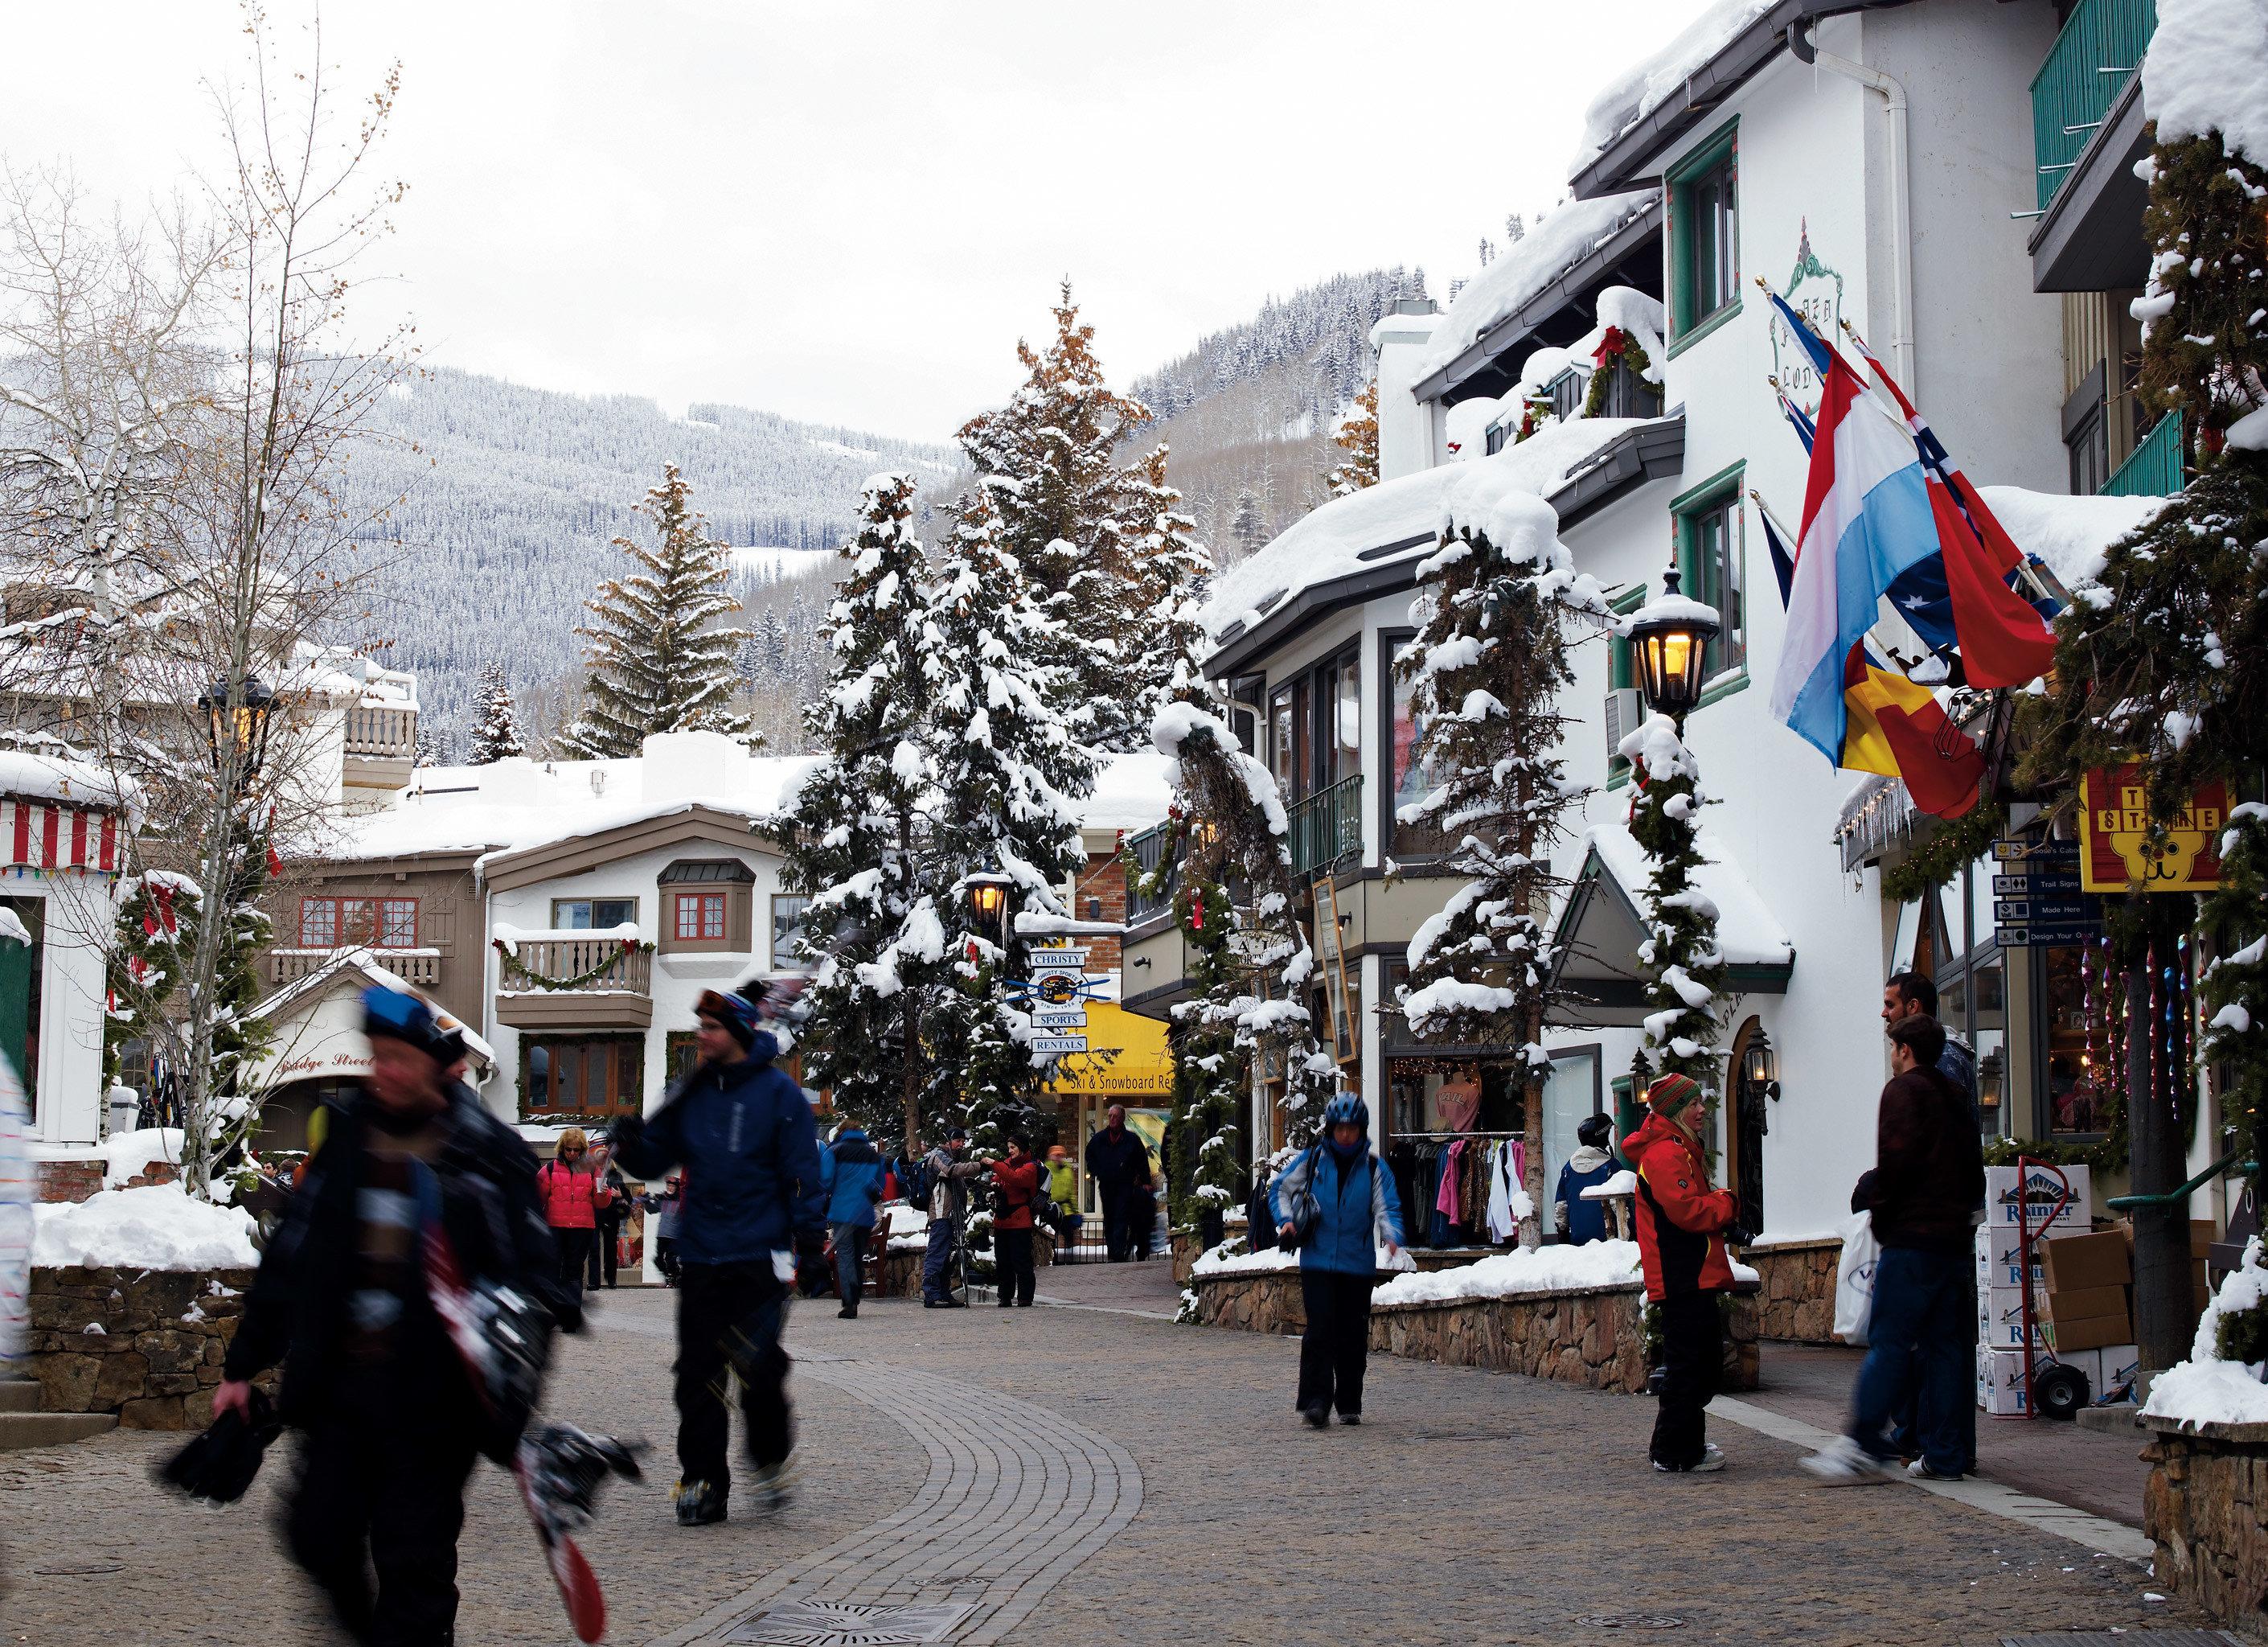 Architecture Buildings Shop Ski Town sky snow Winter Sport dancer